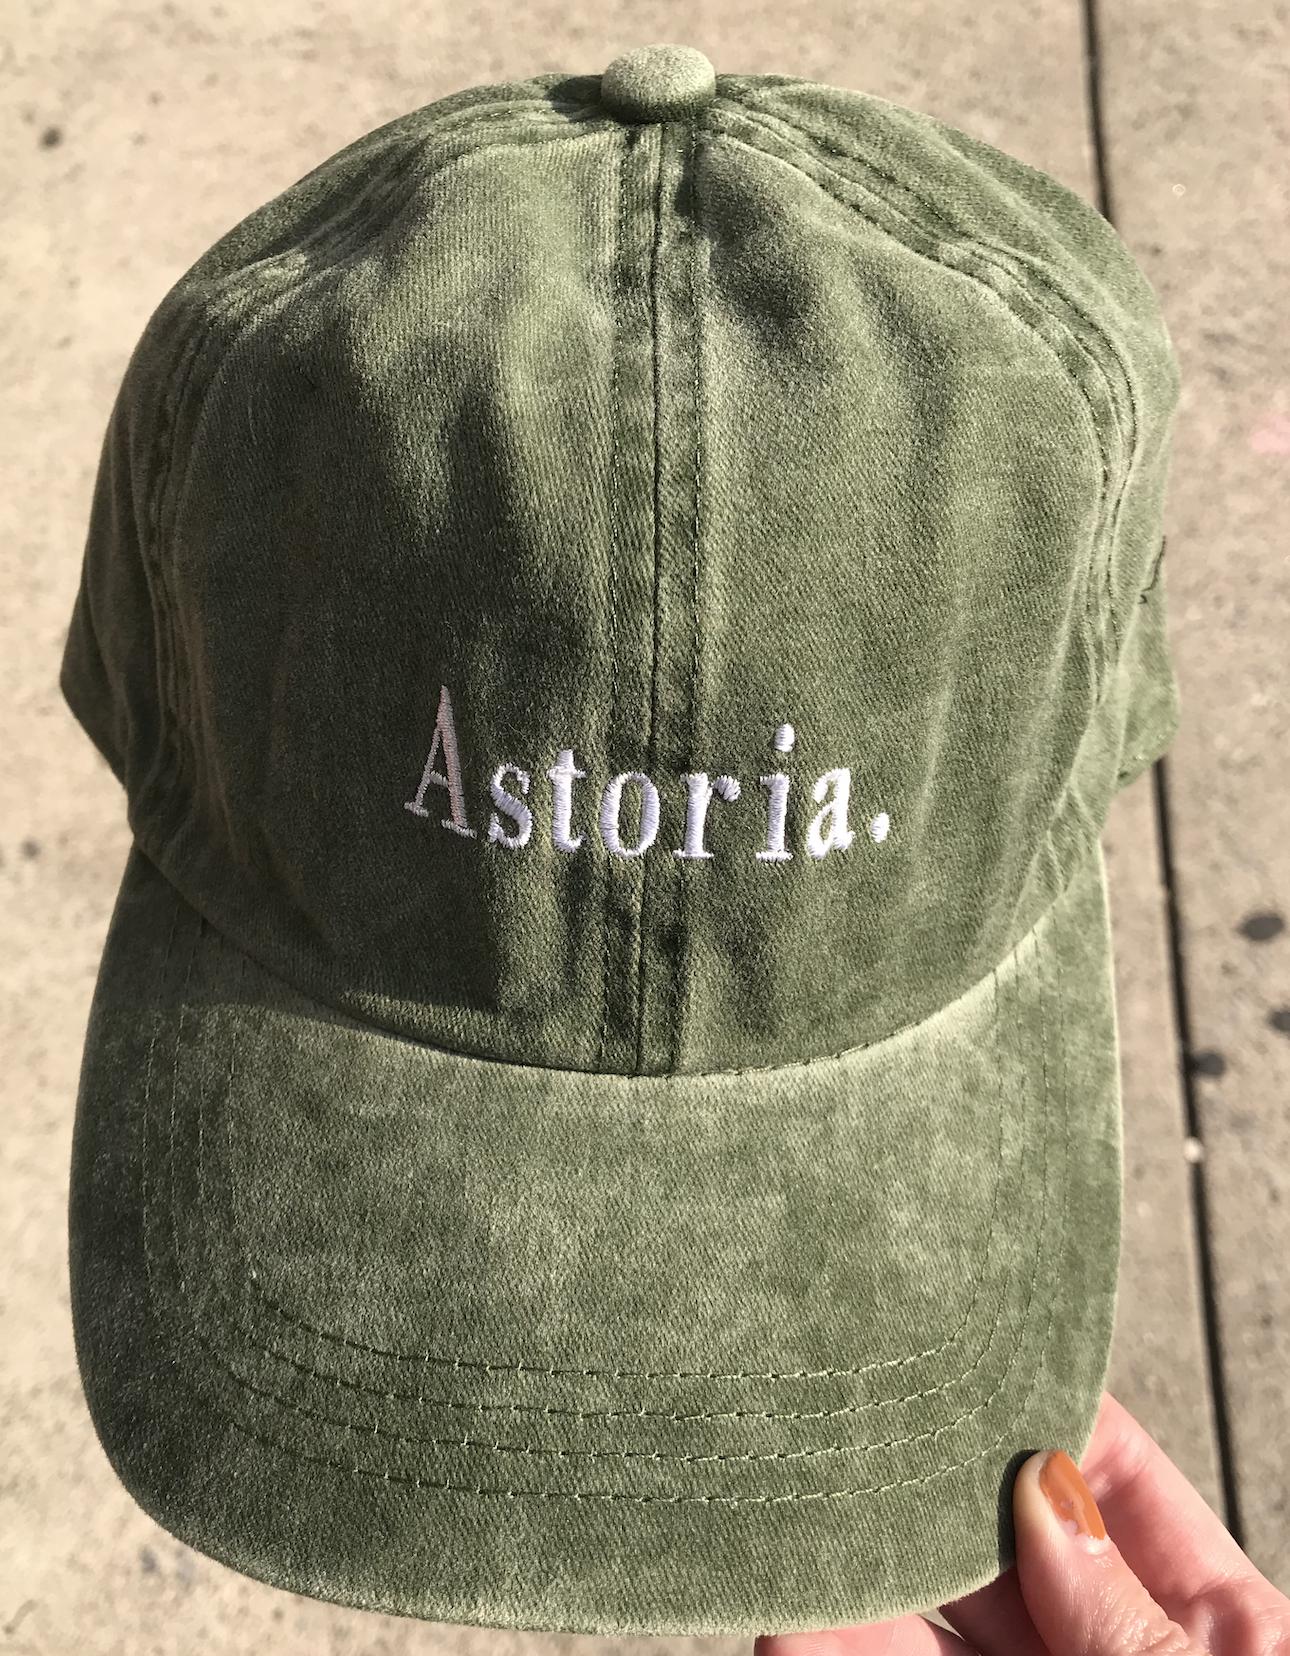 David & Young Cap - Astoria - Olive